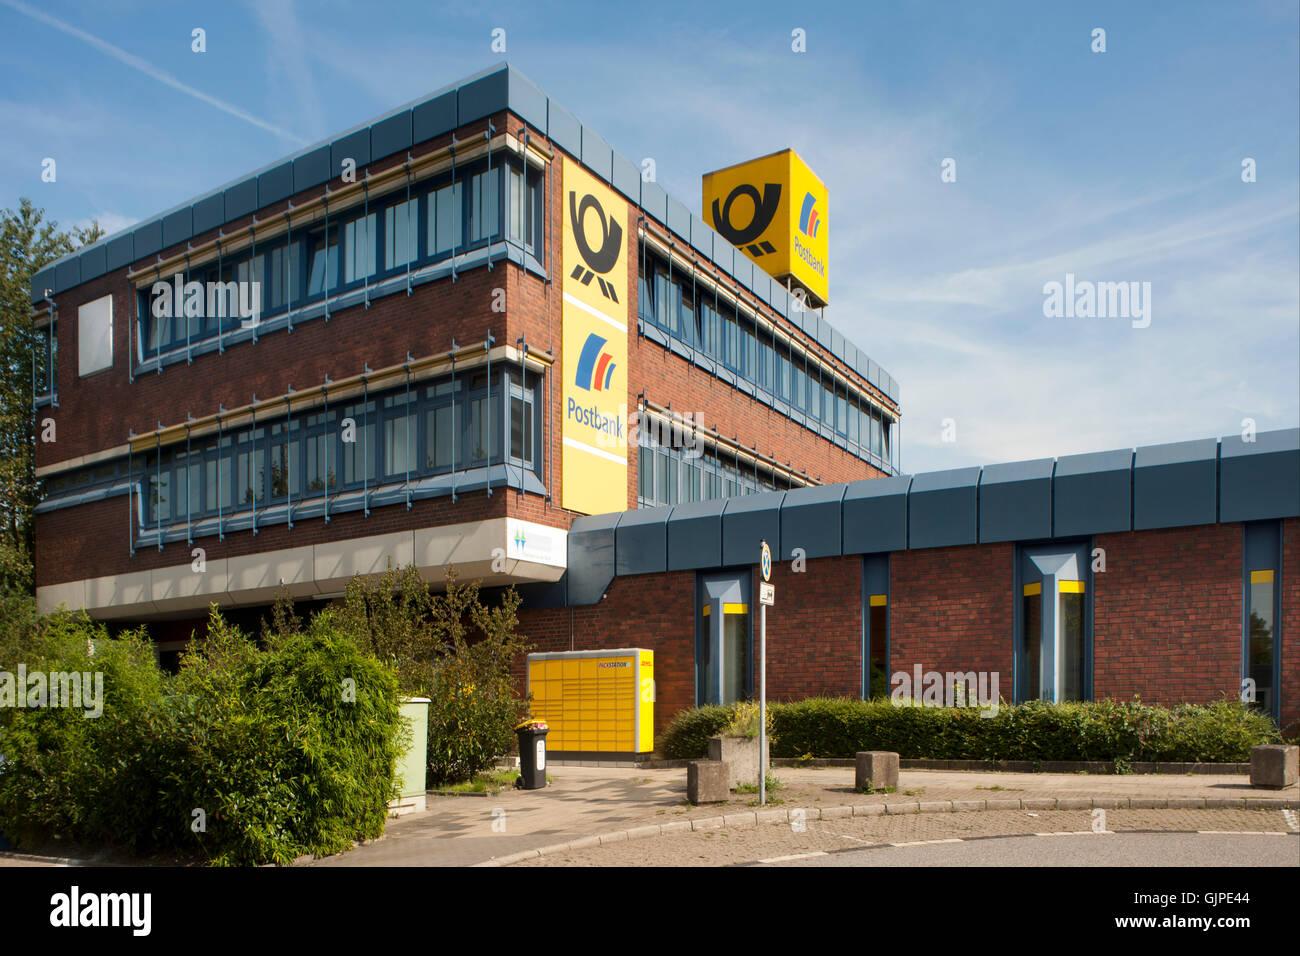 Deutschland, Nordrhein-Westfalen, Mühlheim an der Ruhr, Postamt am Hauptbahnhof - Stock Image